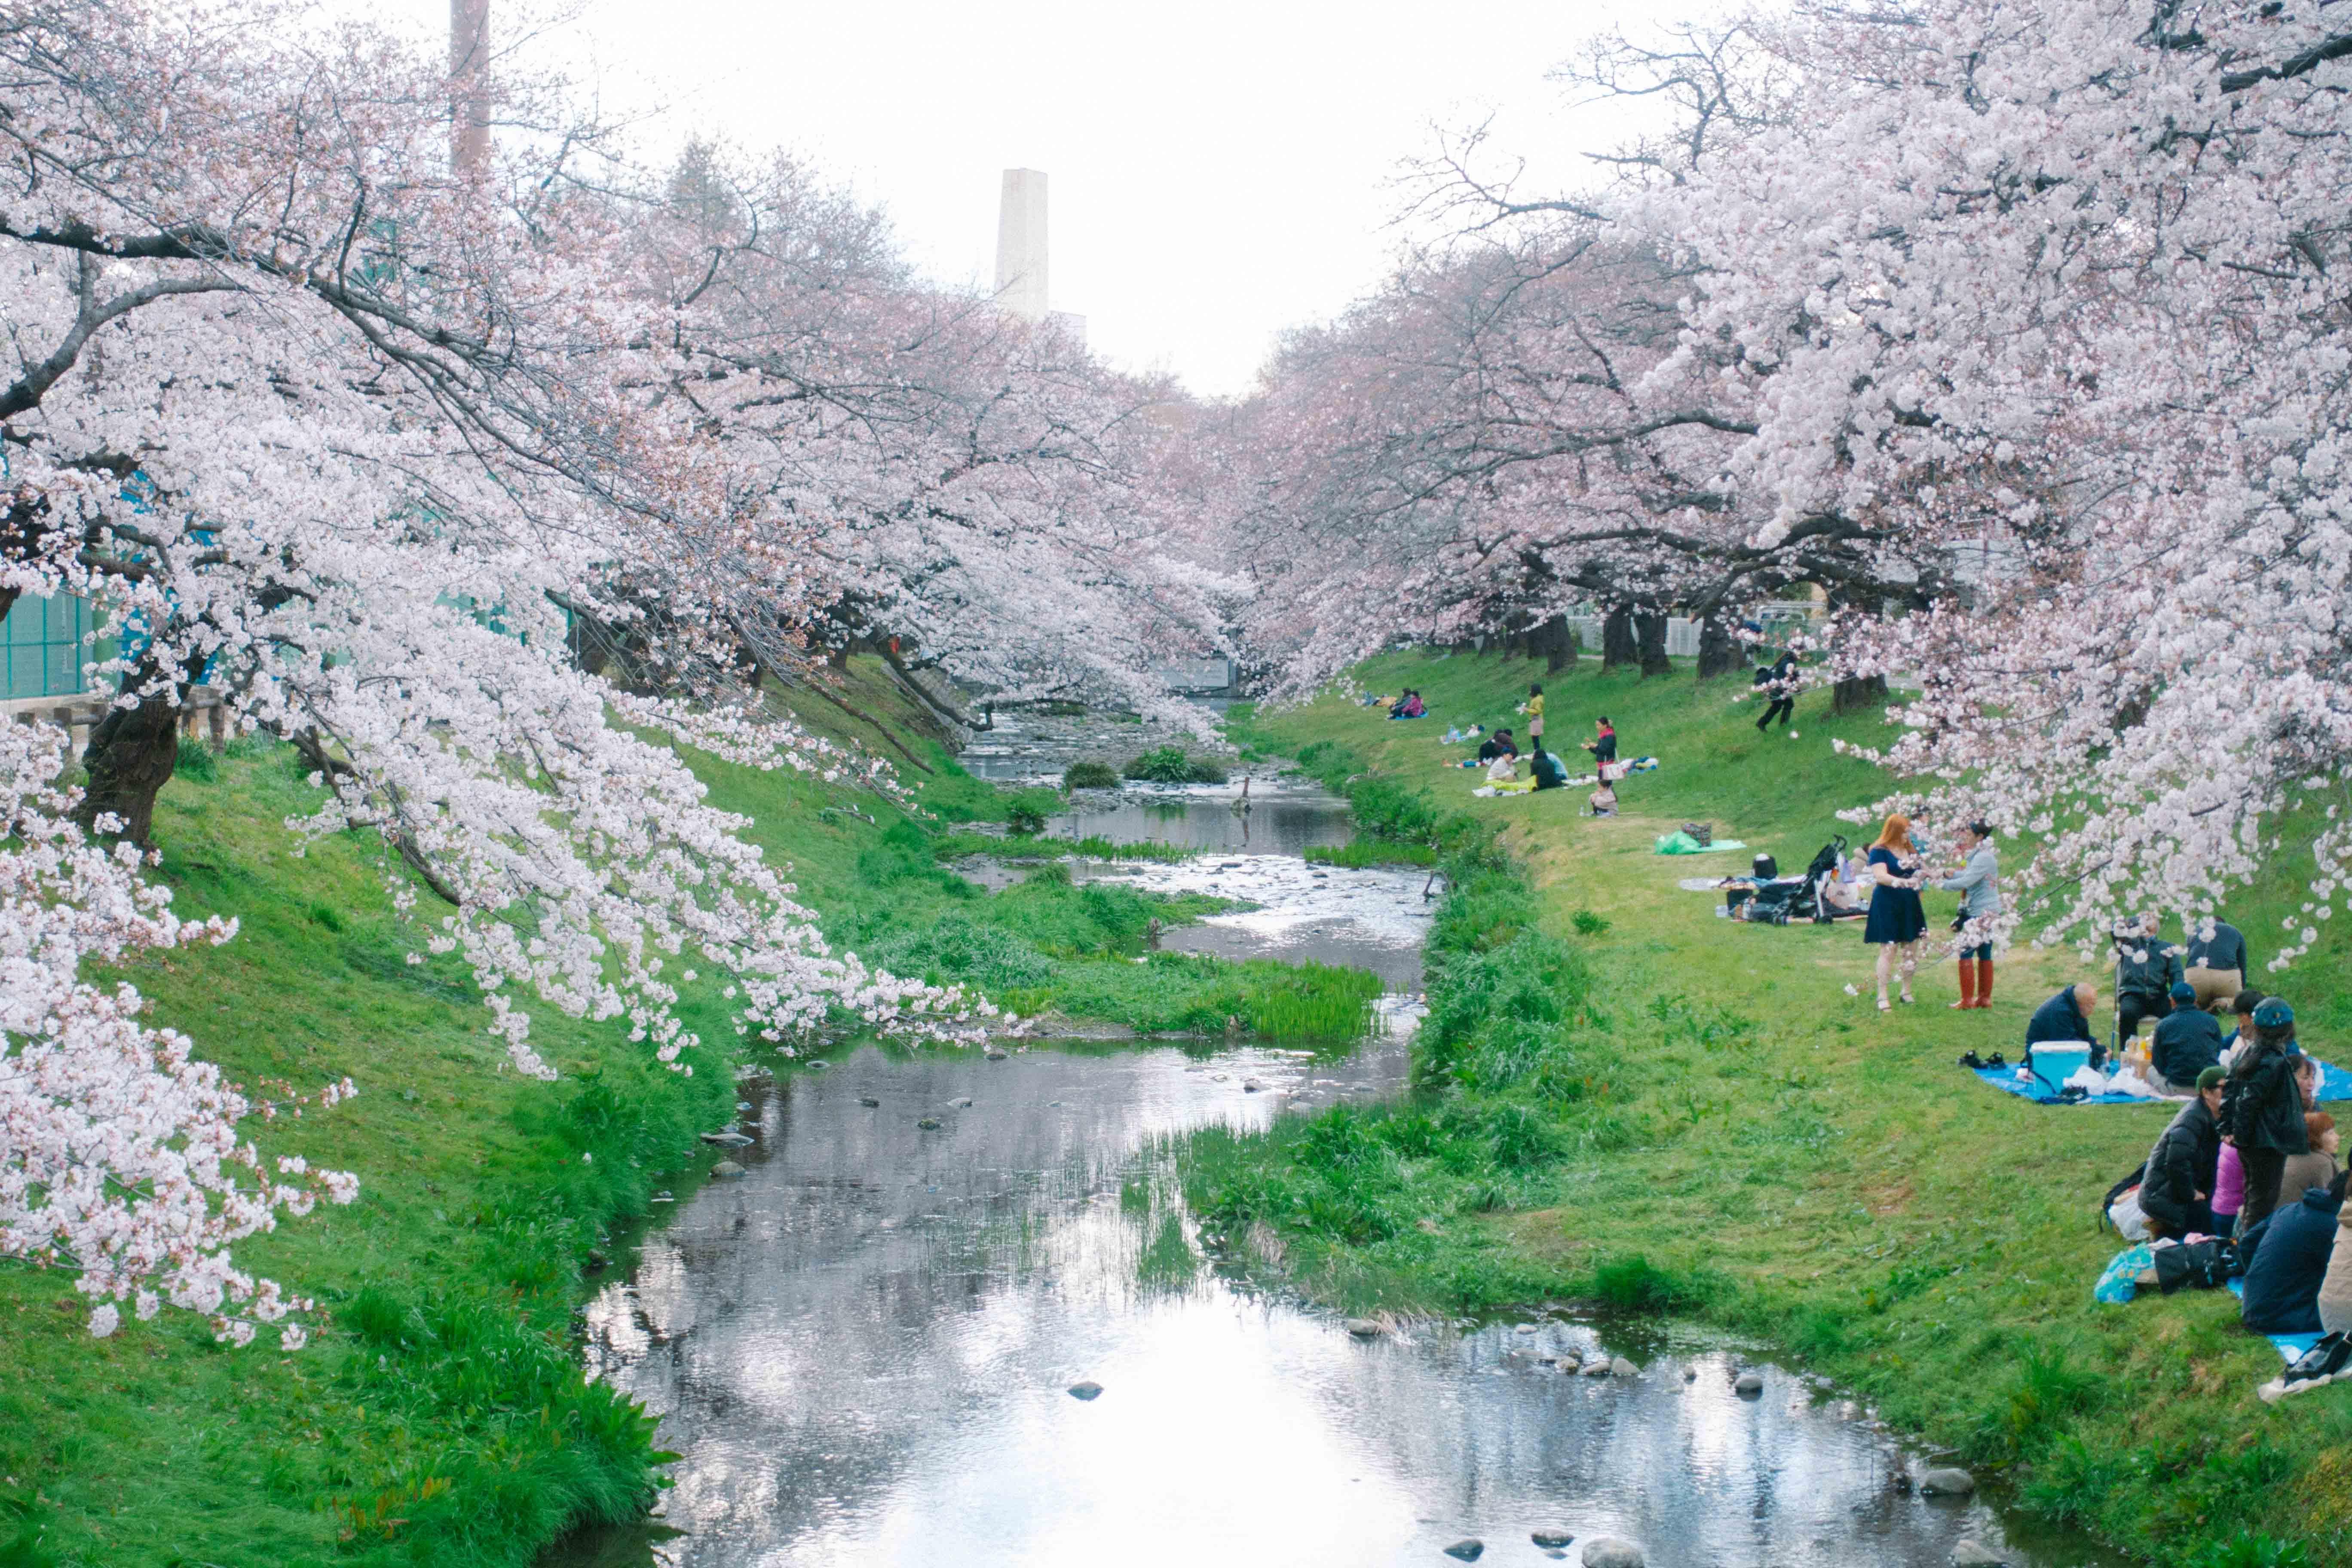 立川根川緑道の桜